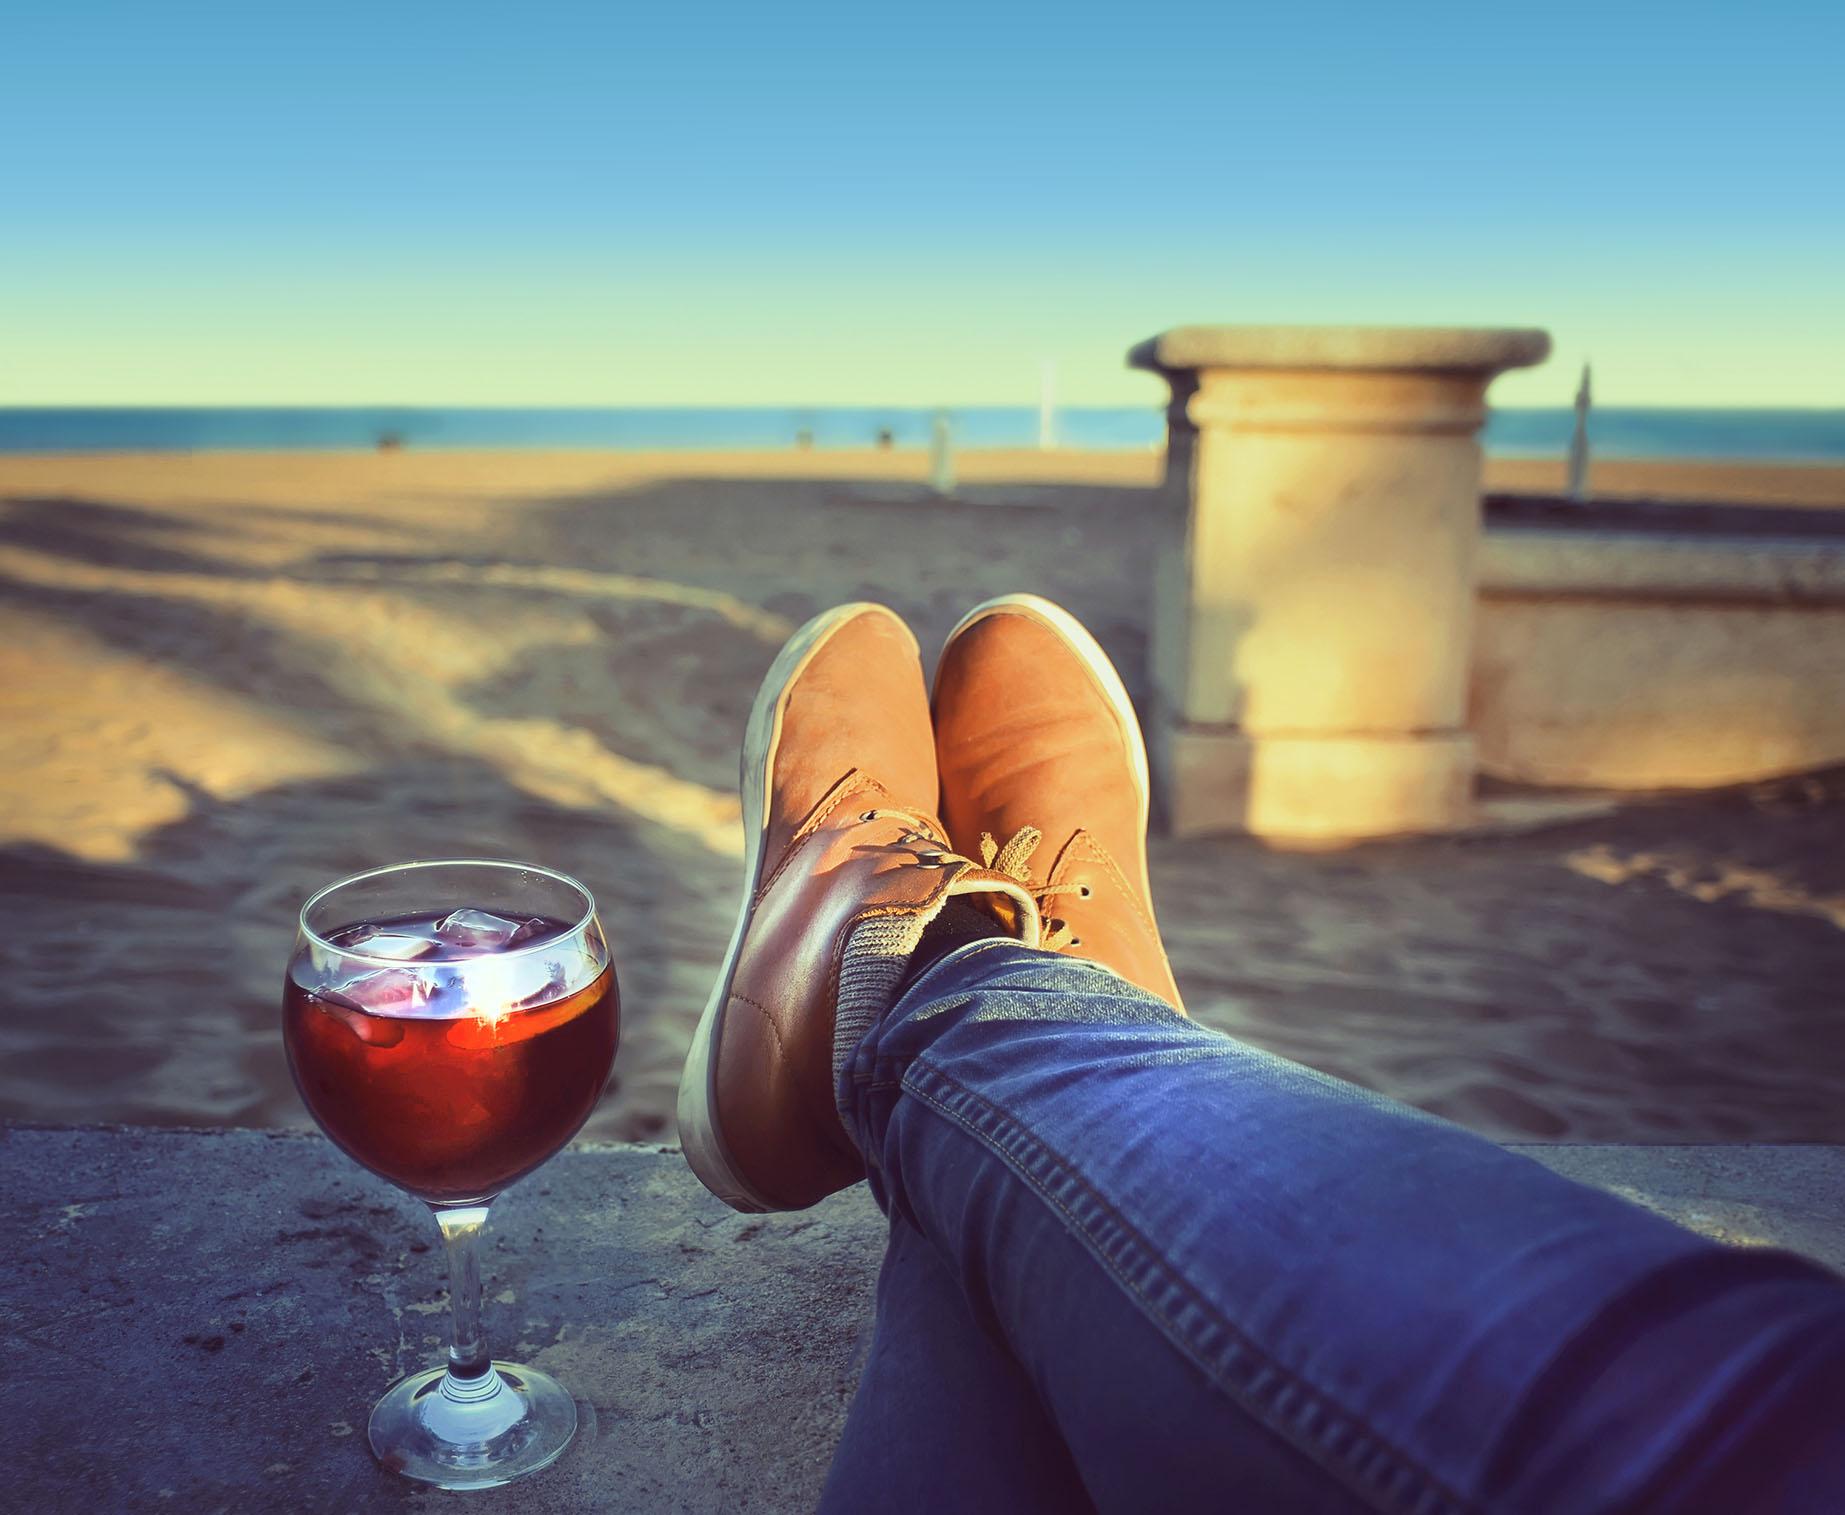 Persona relajada en playa